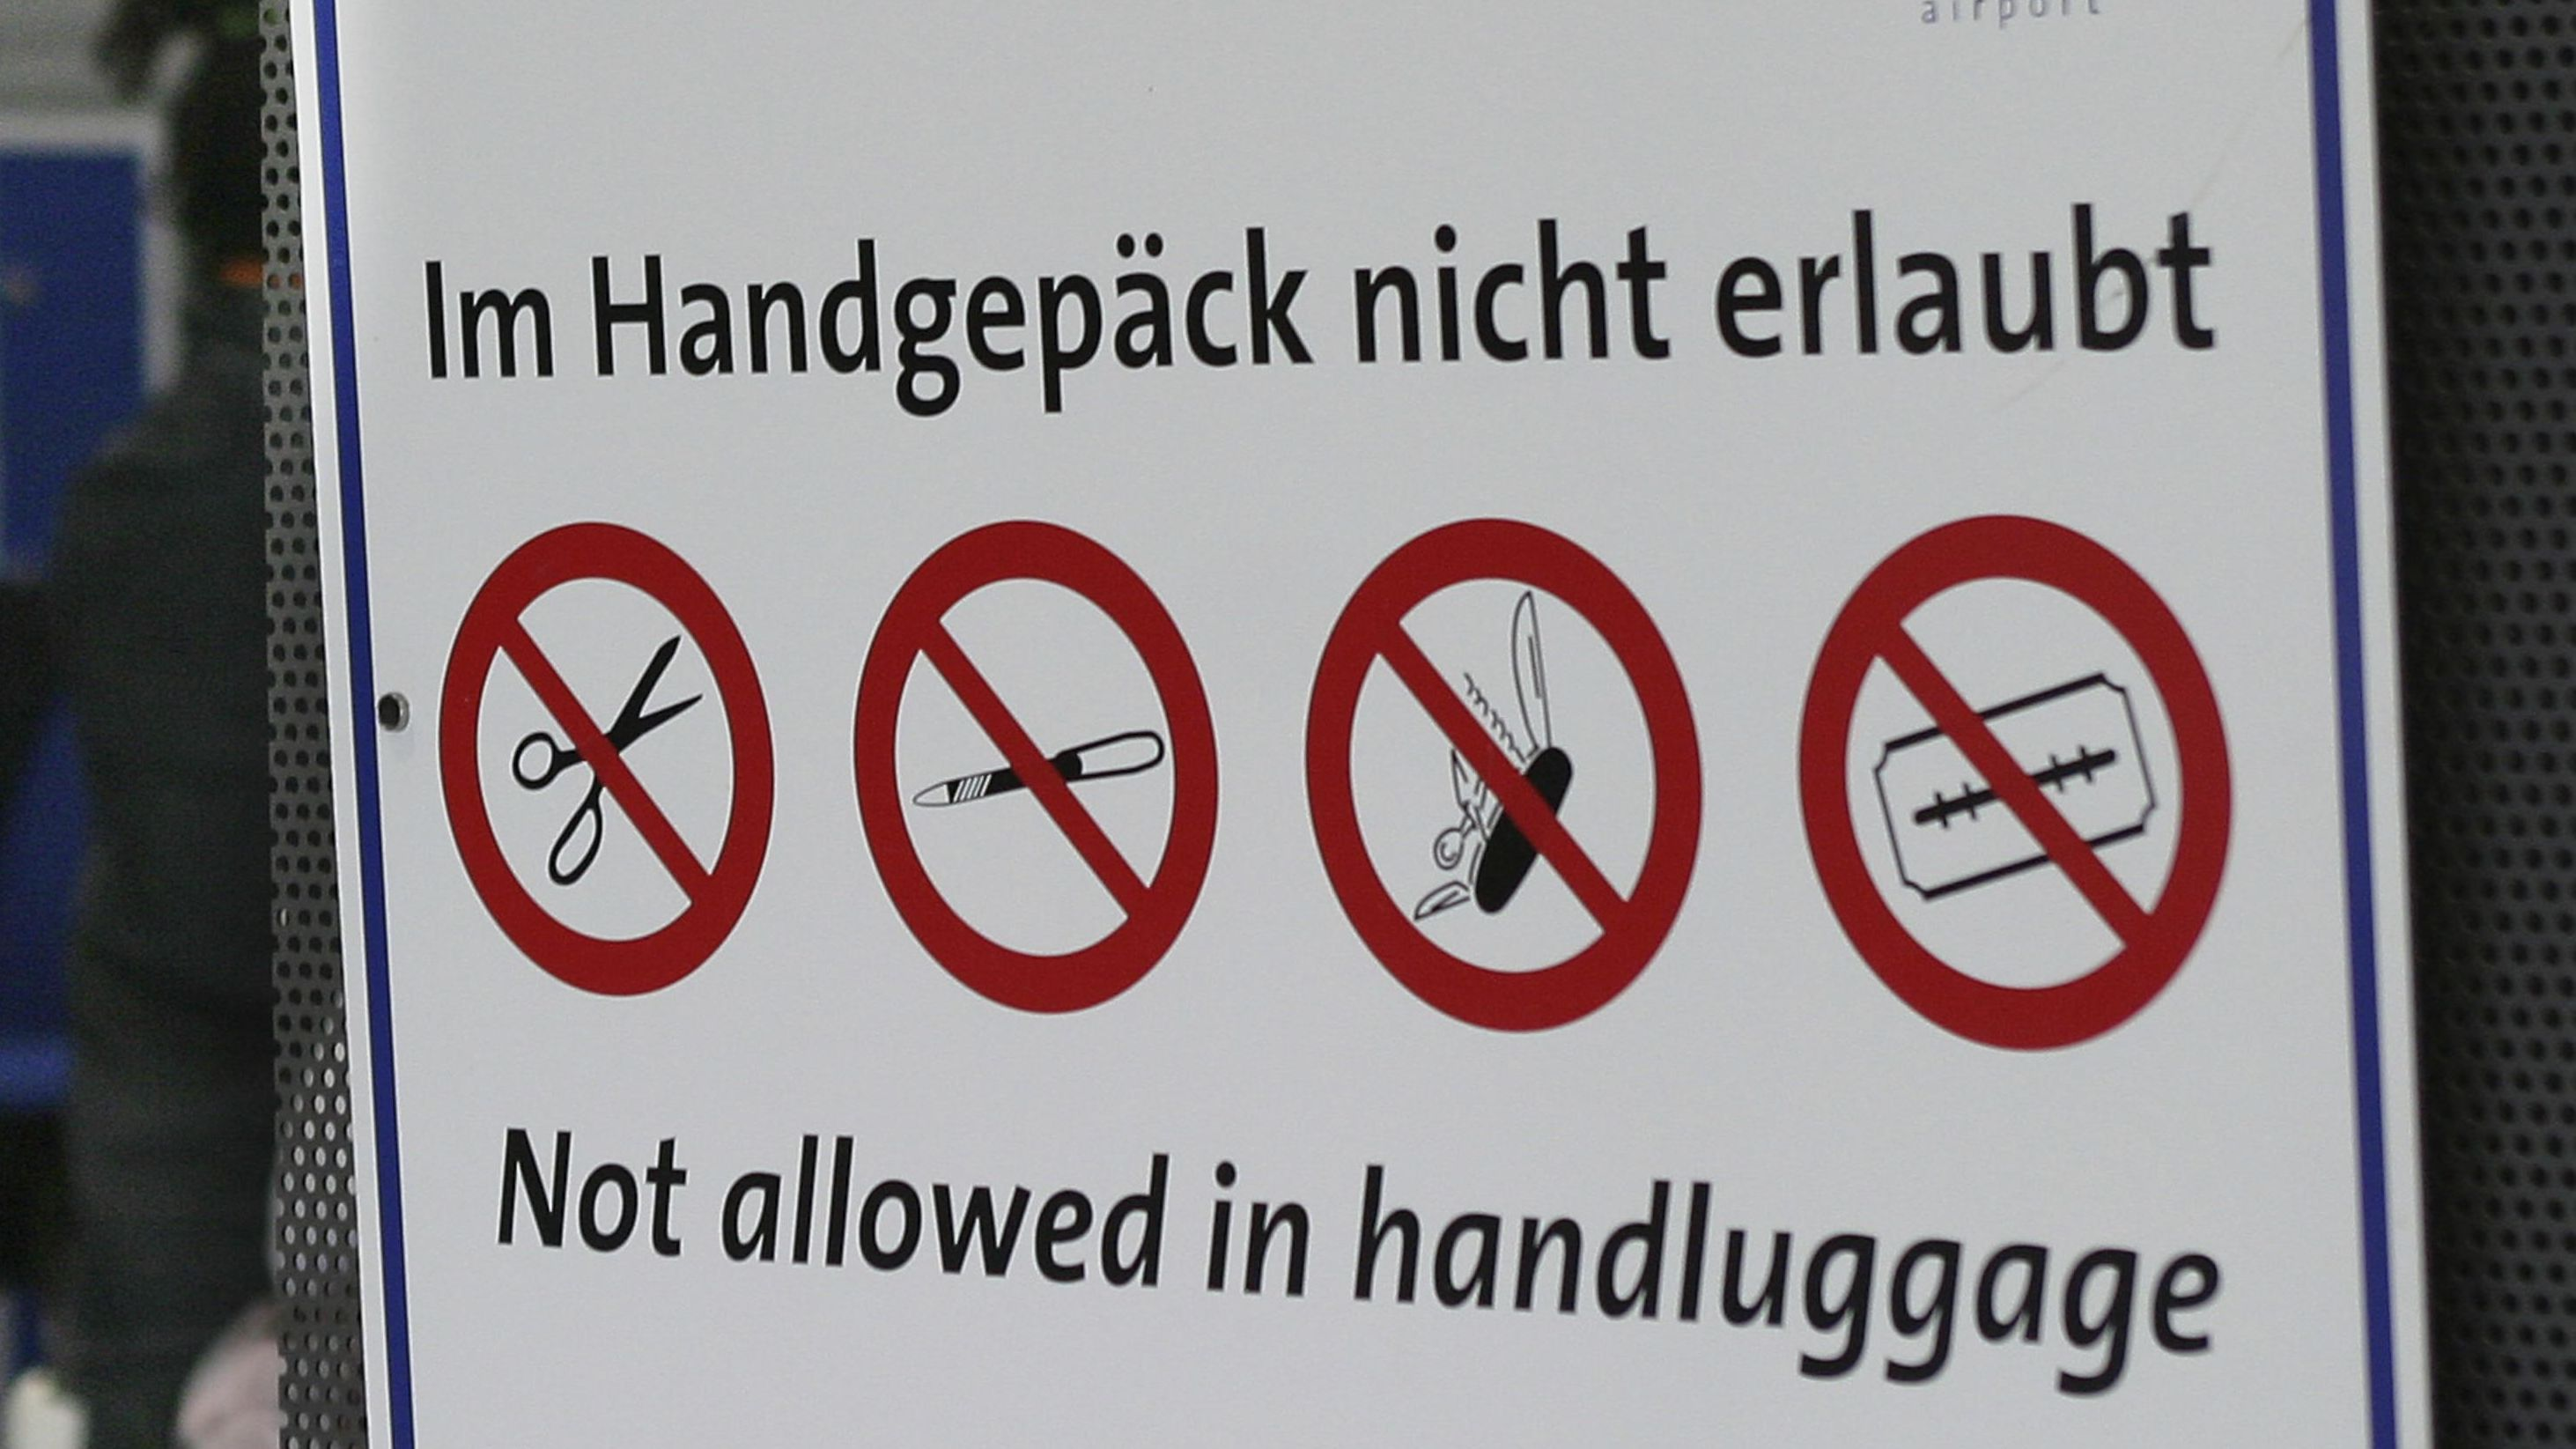 Ein Schild am Flughafen Frankfurt/Hahn zeigt Piktogramme von Dingen, die im Handgepäck nicht erlaubt sind: Nagelschere, Feile, Taschenmesser, Rasierklinge.